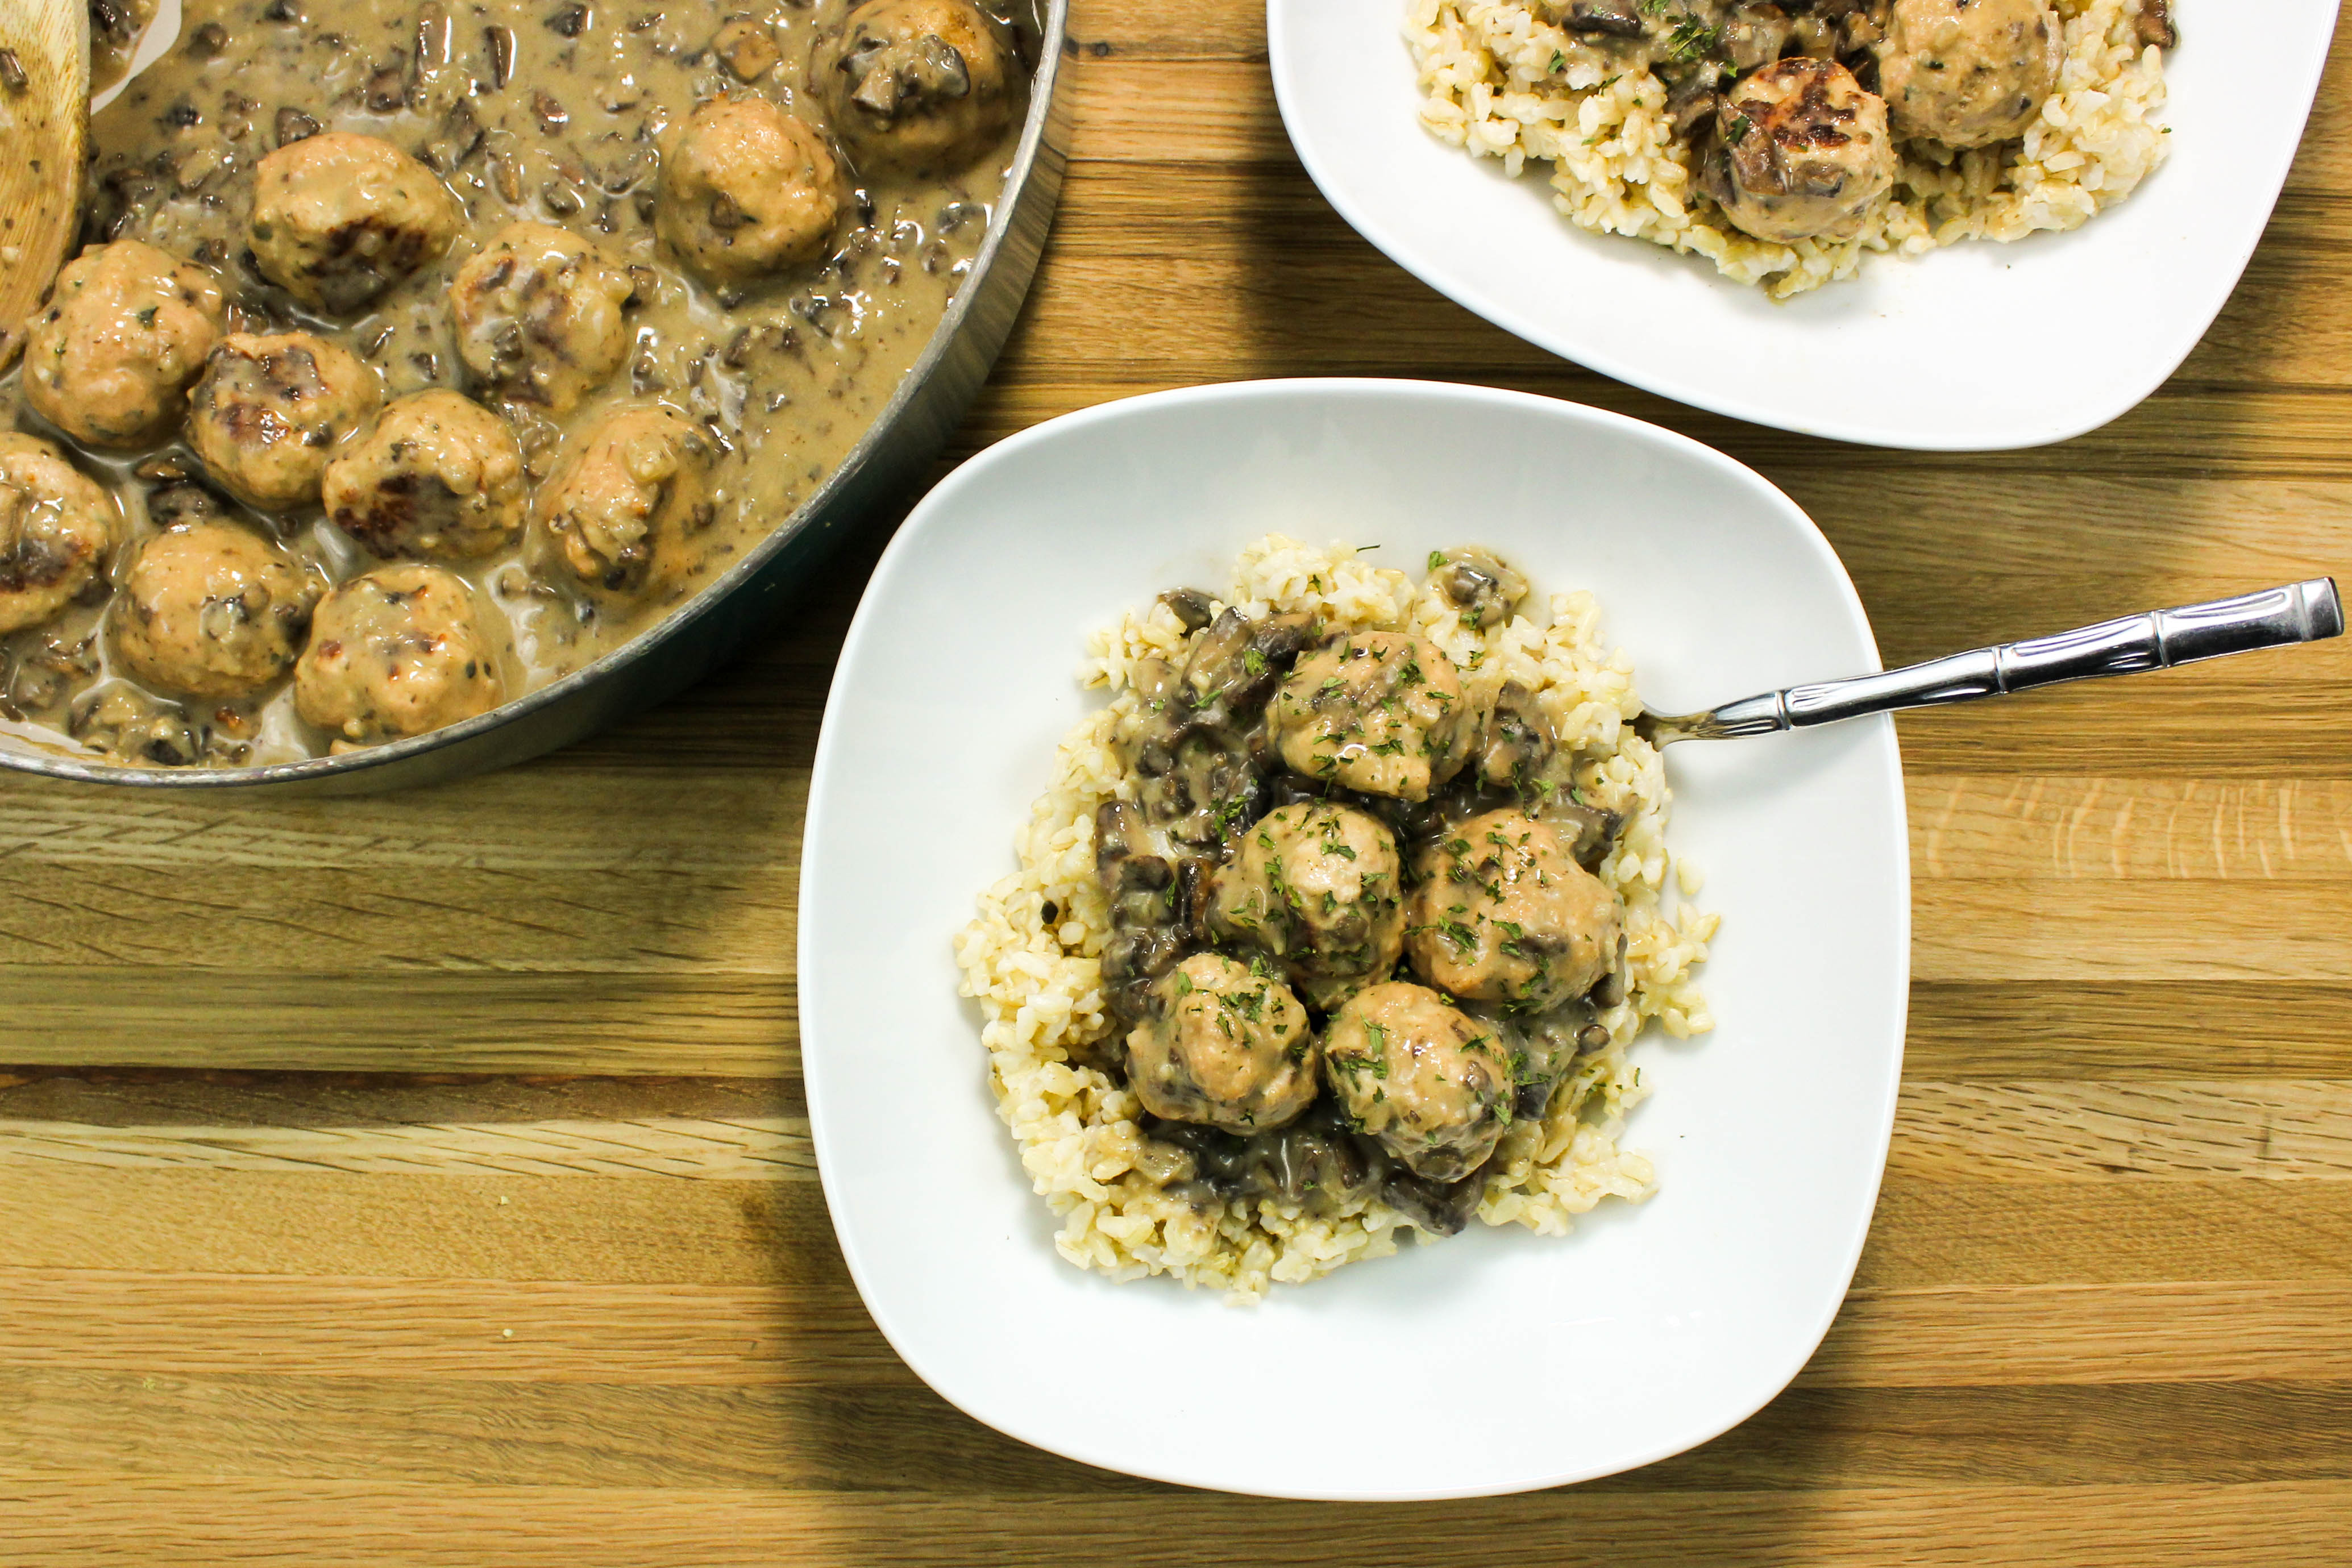 Turkey Meatballs in Creamy Mushroom Gravy- Flavorful turkey meatballs cooked in creamy mushroom gravy served over rice. Weight Watcher friendly. www.bitesofflavor.com